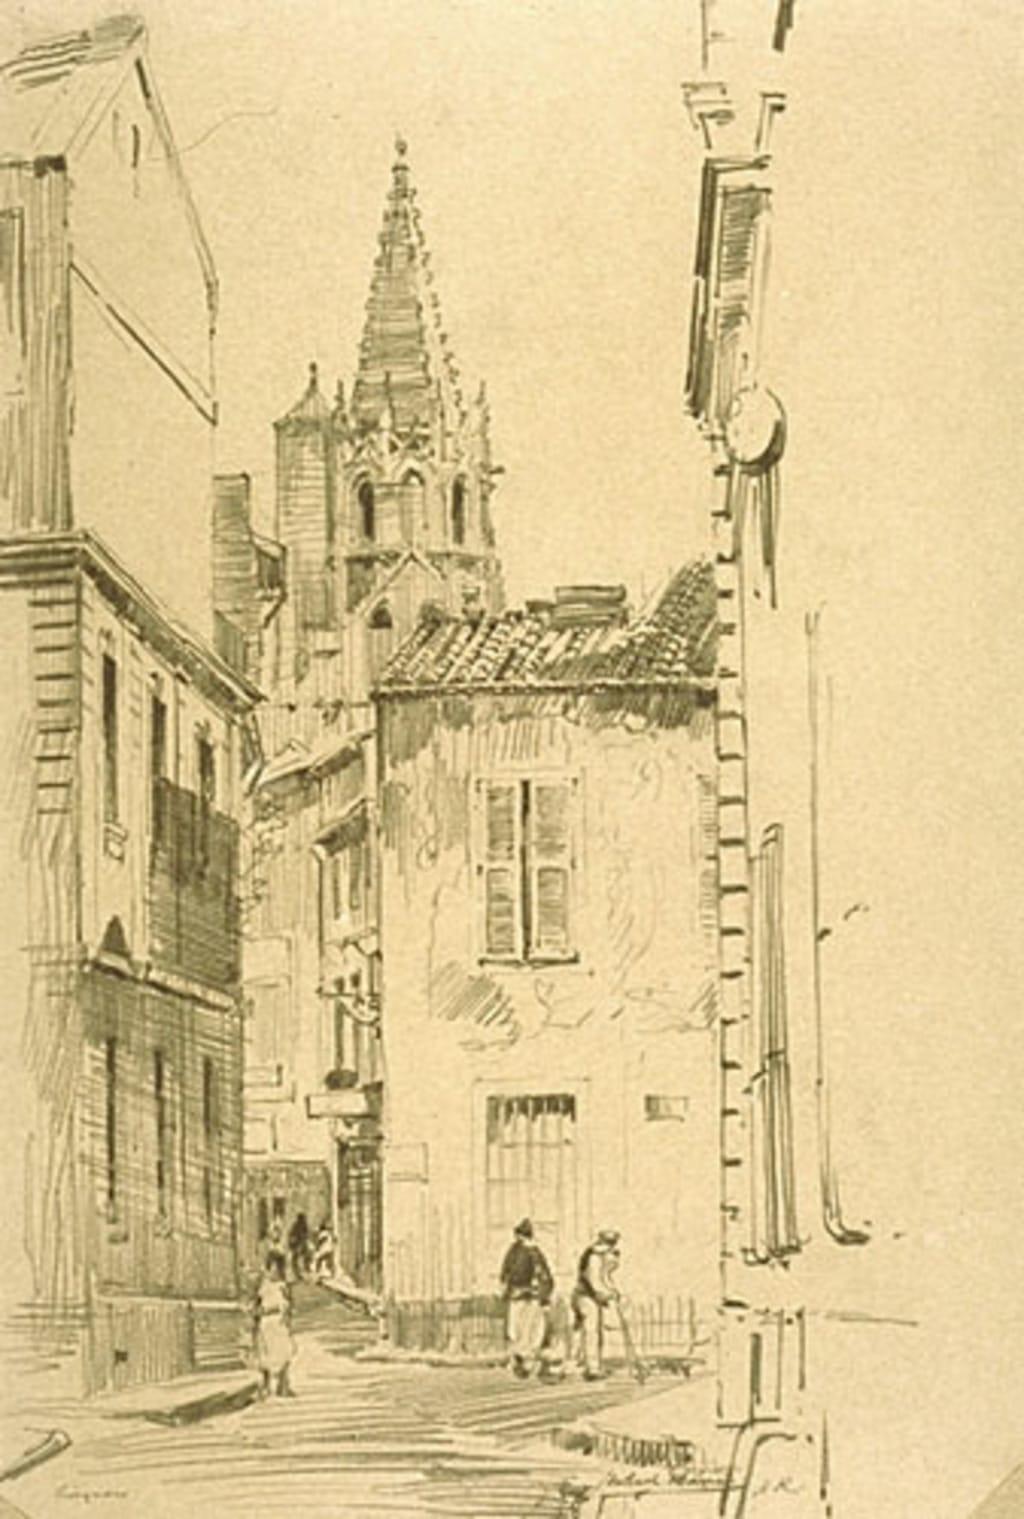 Scène de rue à Avignon (France)